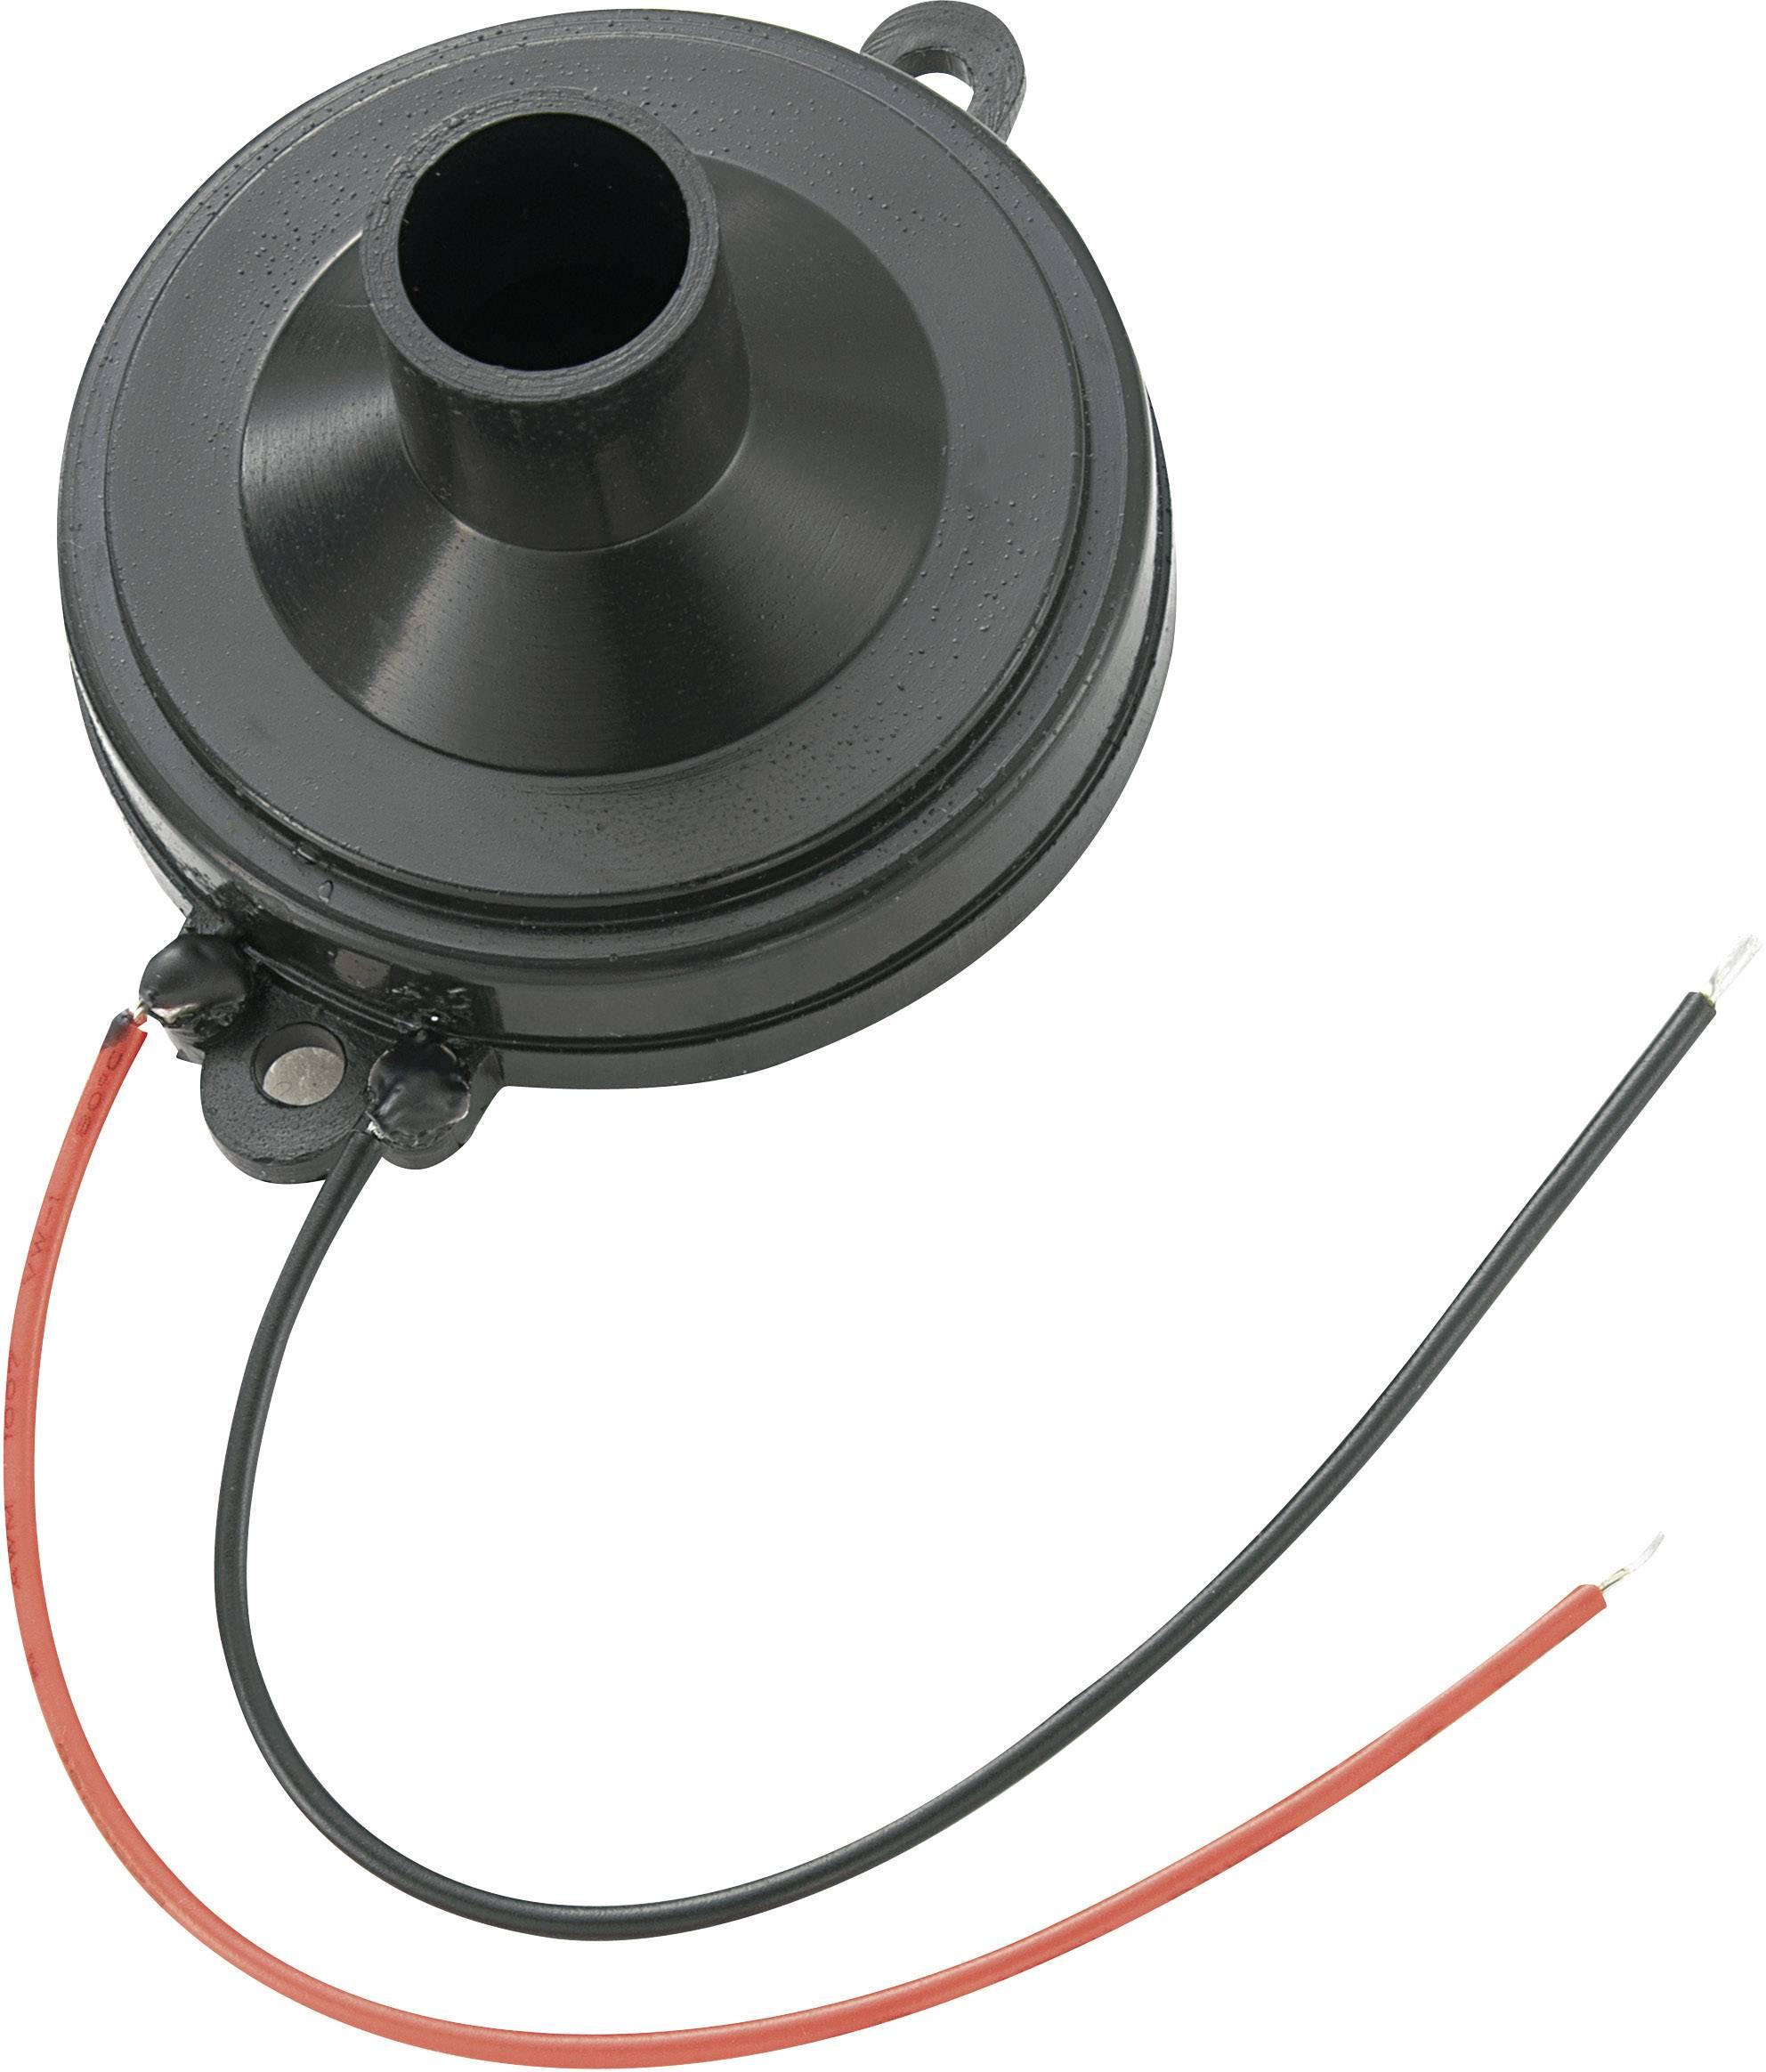 Mini reproduktor, 15 W, 1,4 kHz, 94 dB, 12 Ω